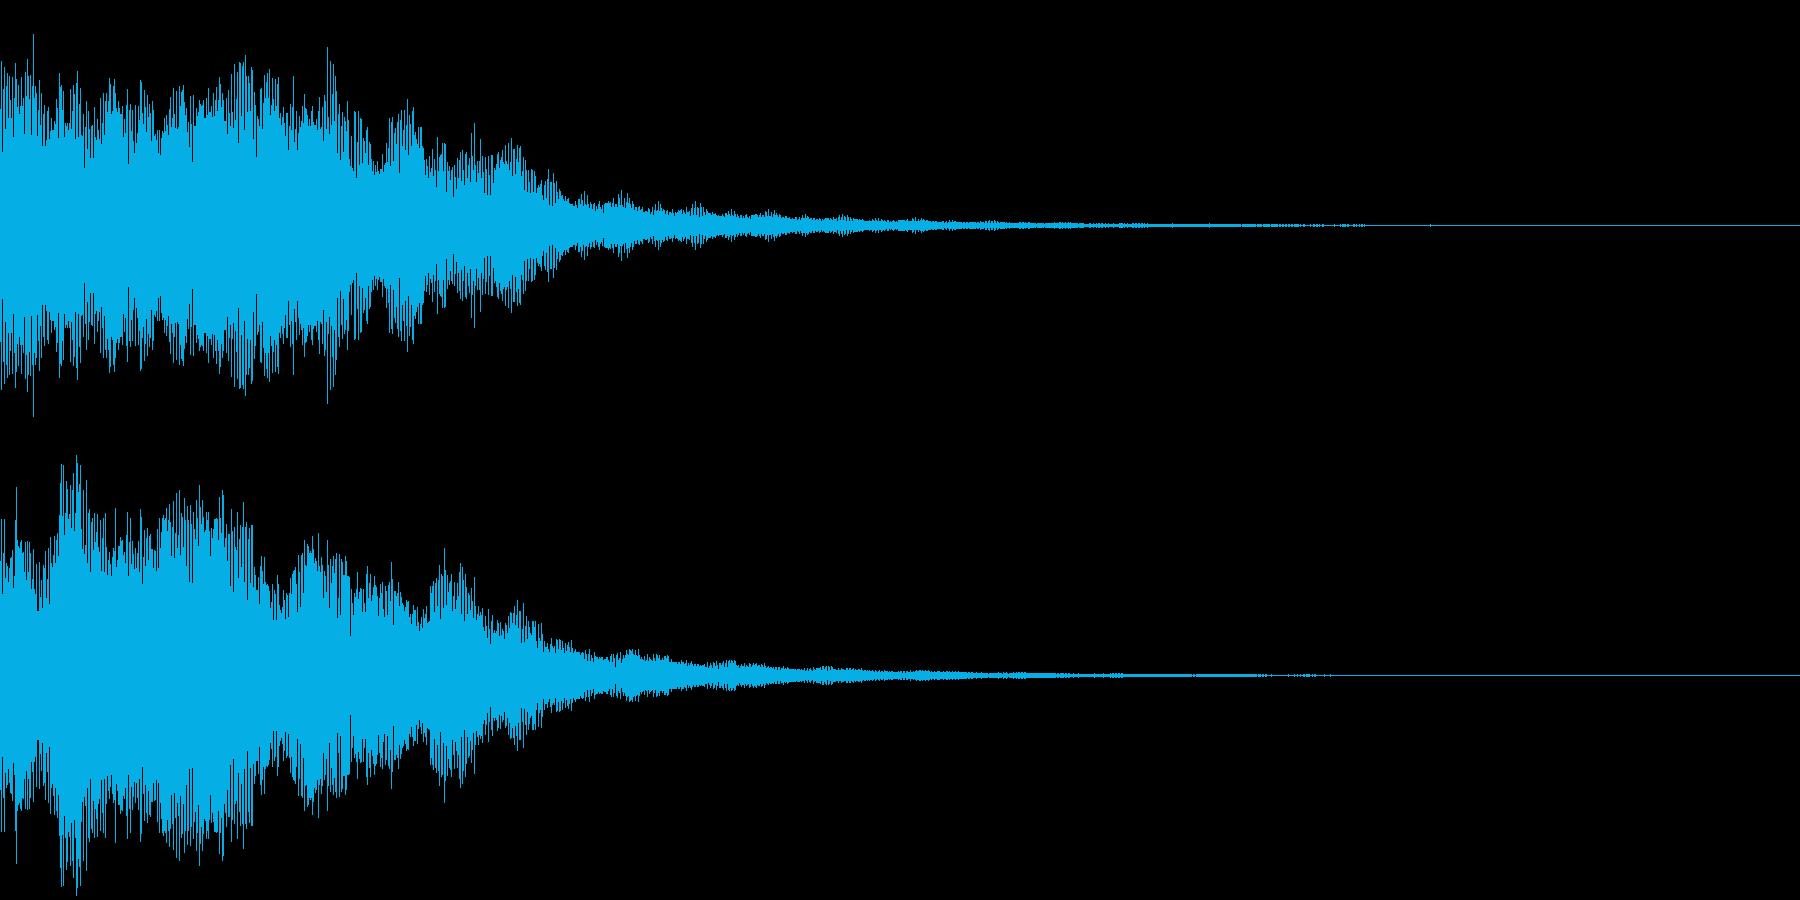 恐怖音11の再生済みの波形